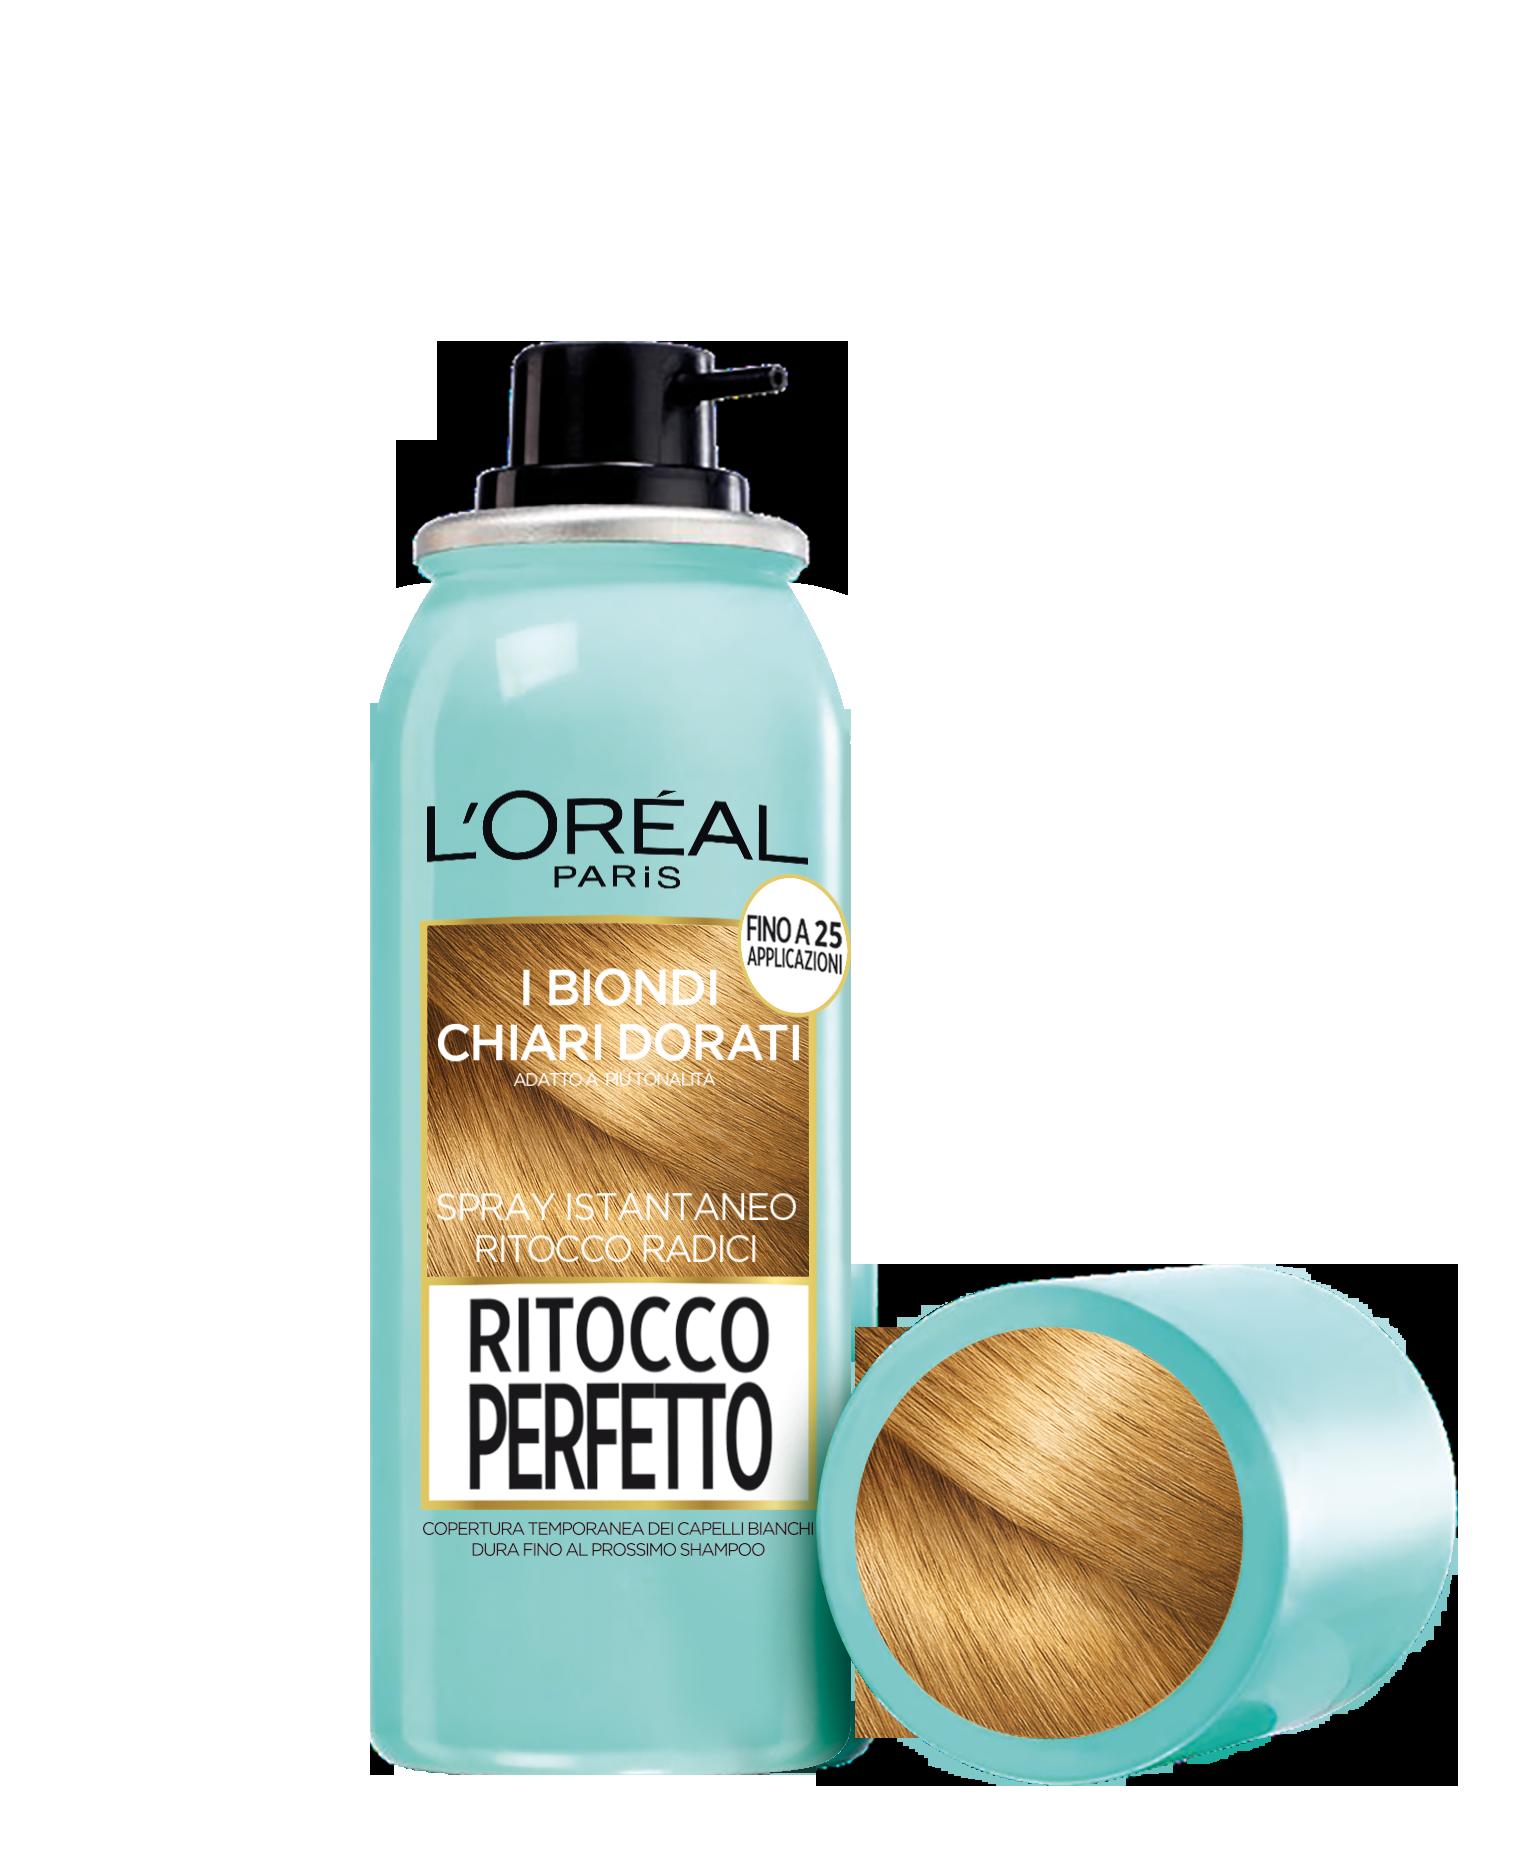 Ritocco ricrescita, novità e colori Ritocco perfetto L'Oréal, foto e prezzi